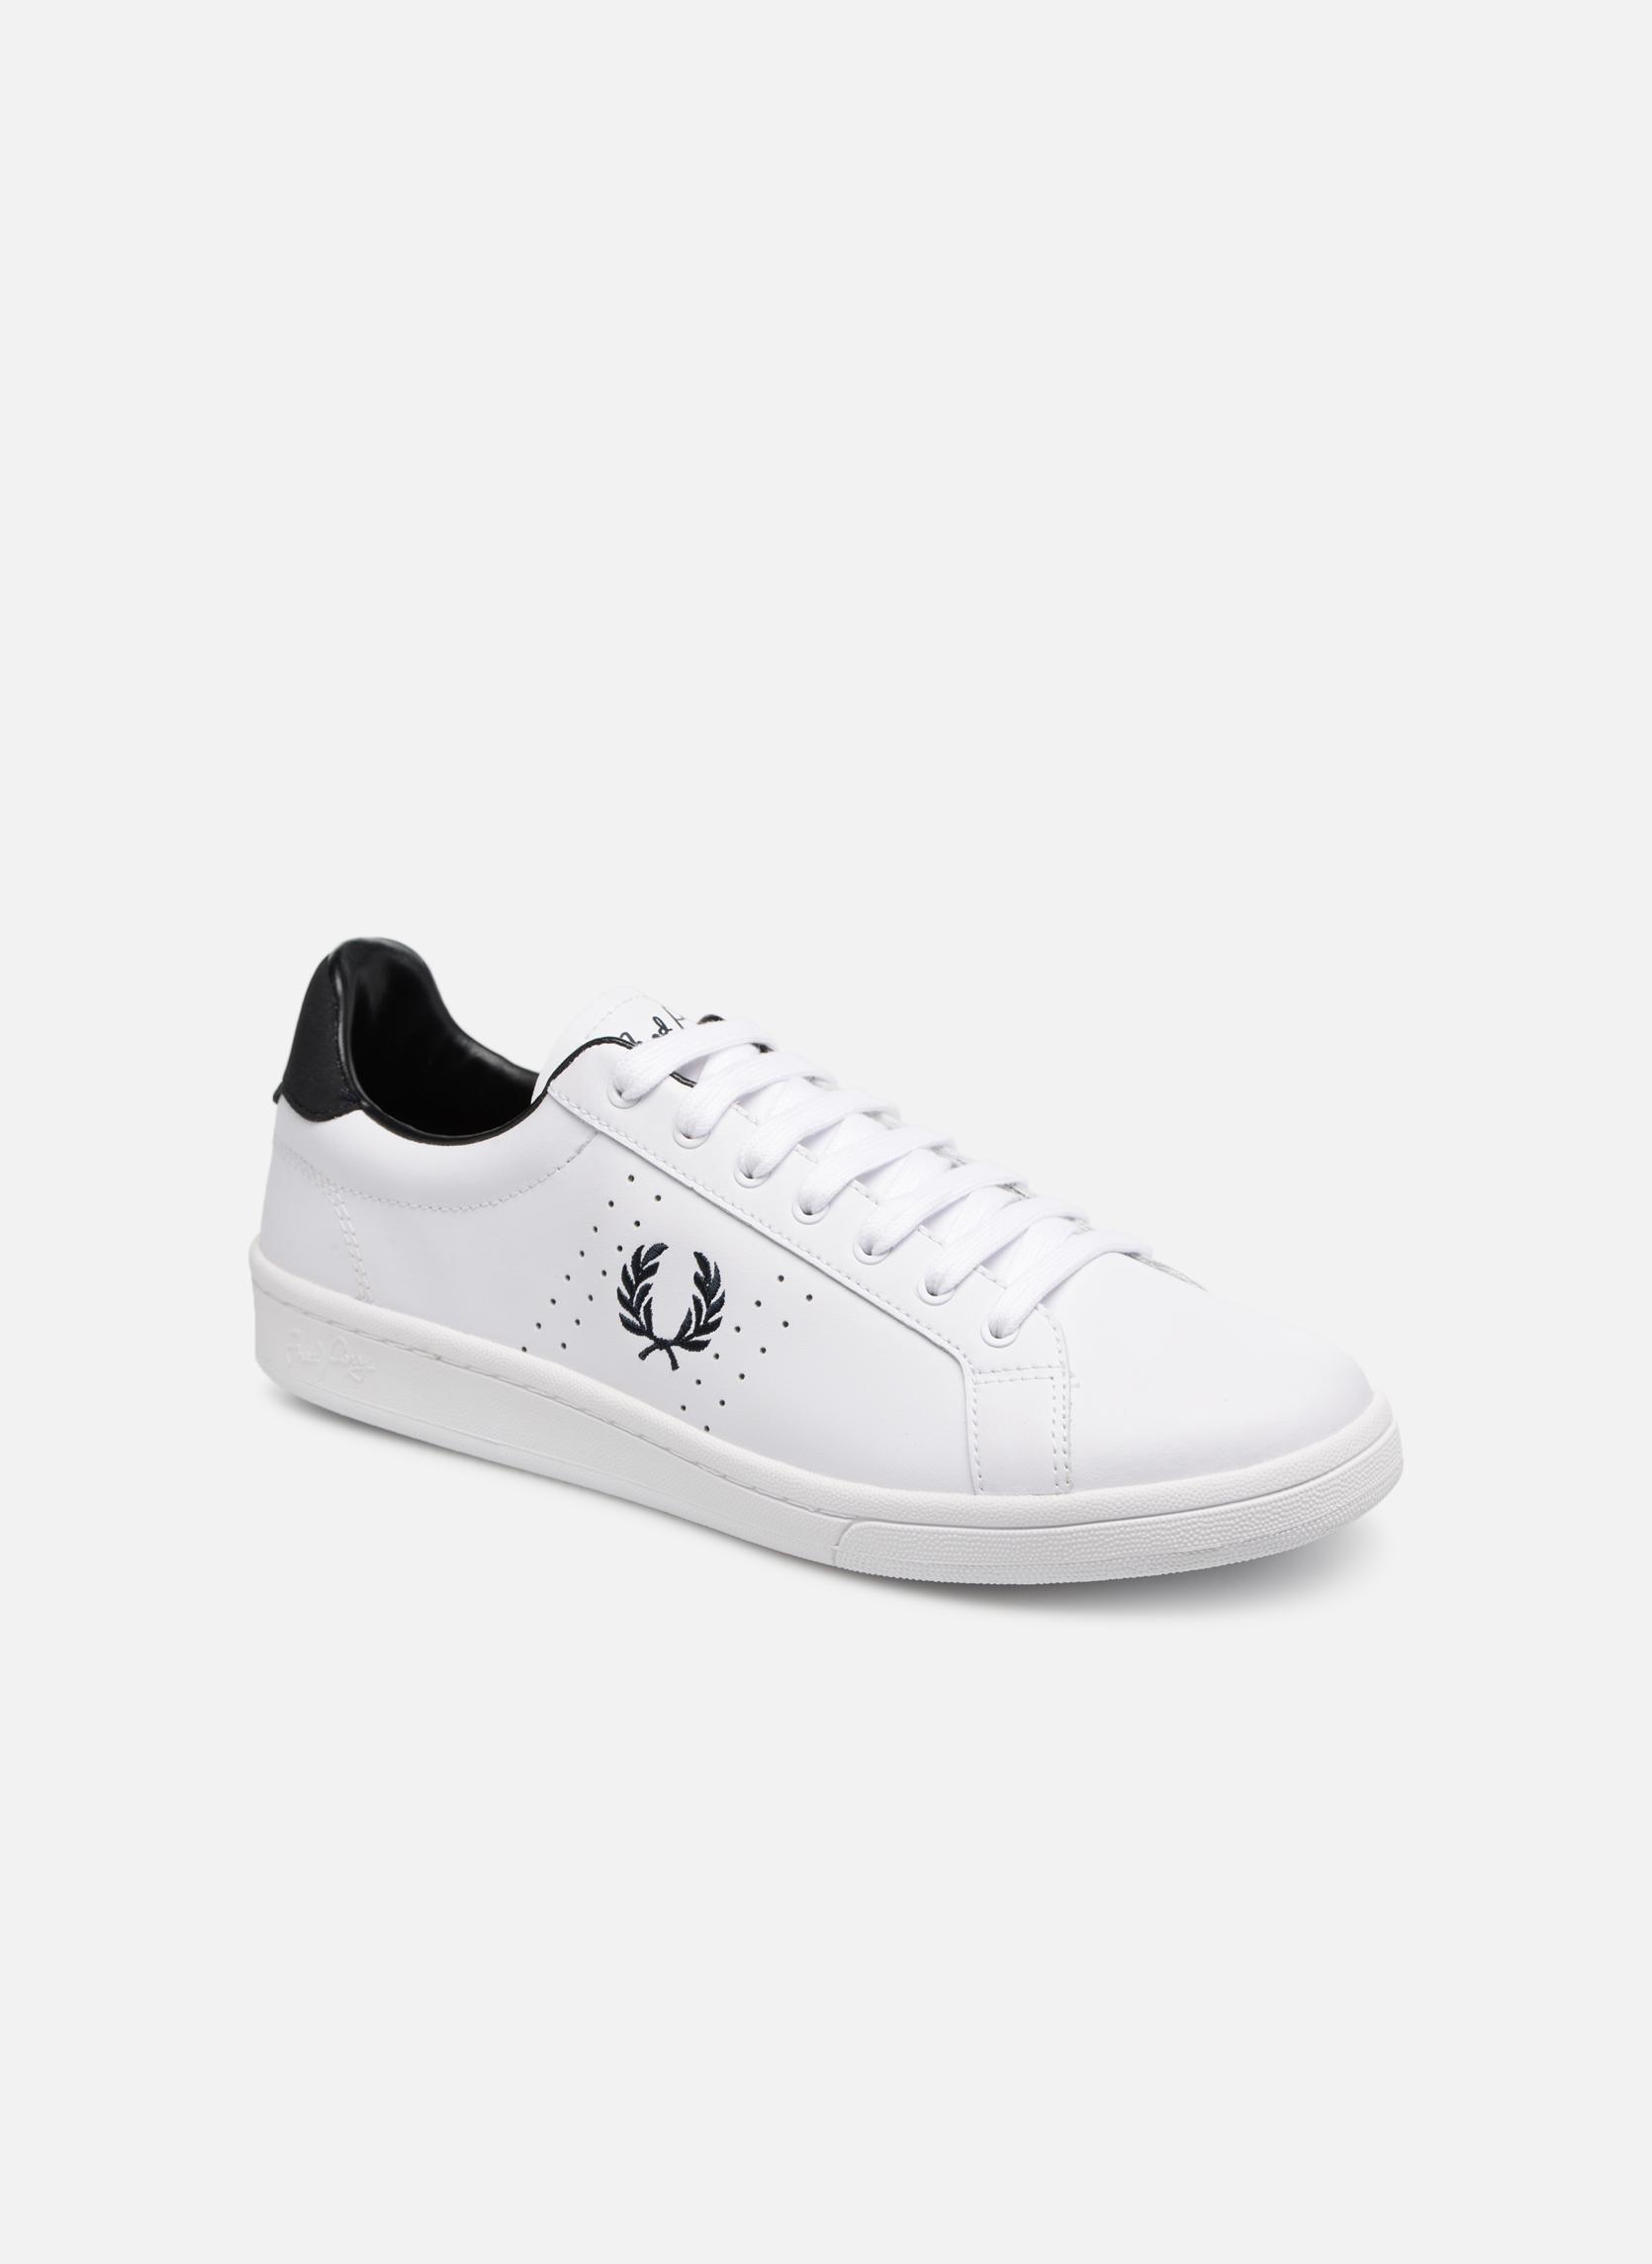 Sneaker Herren B721 Leather